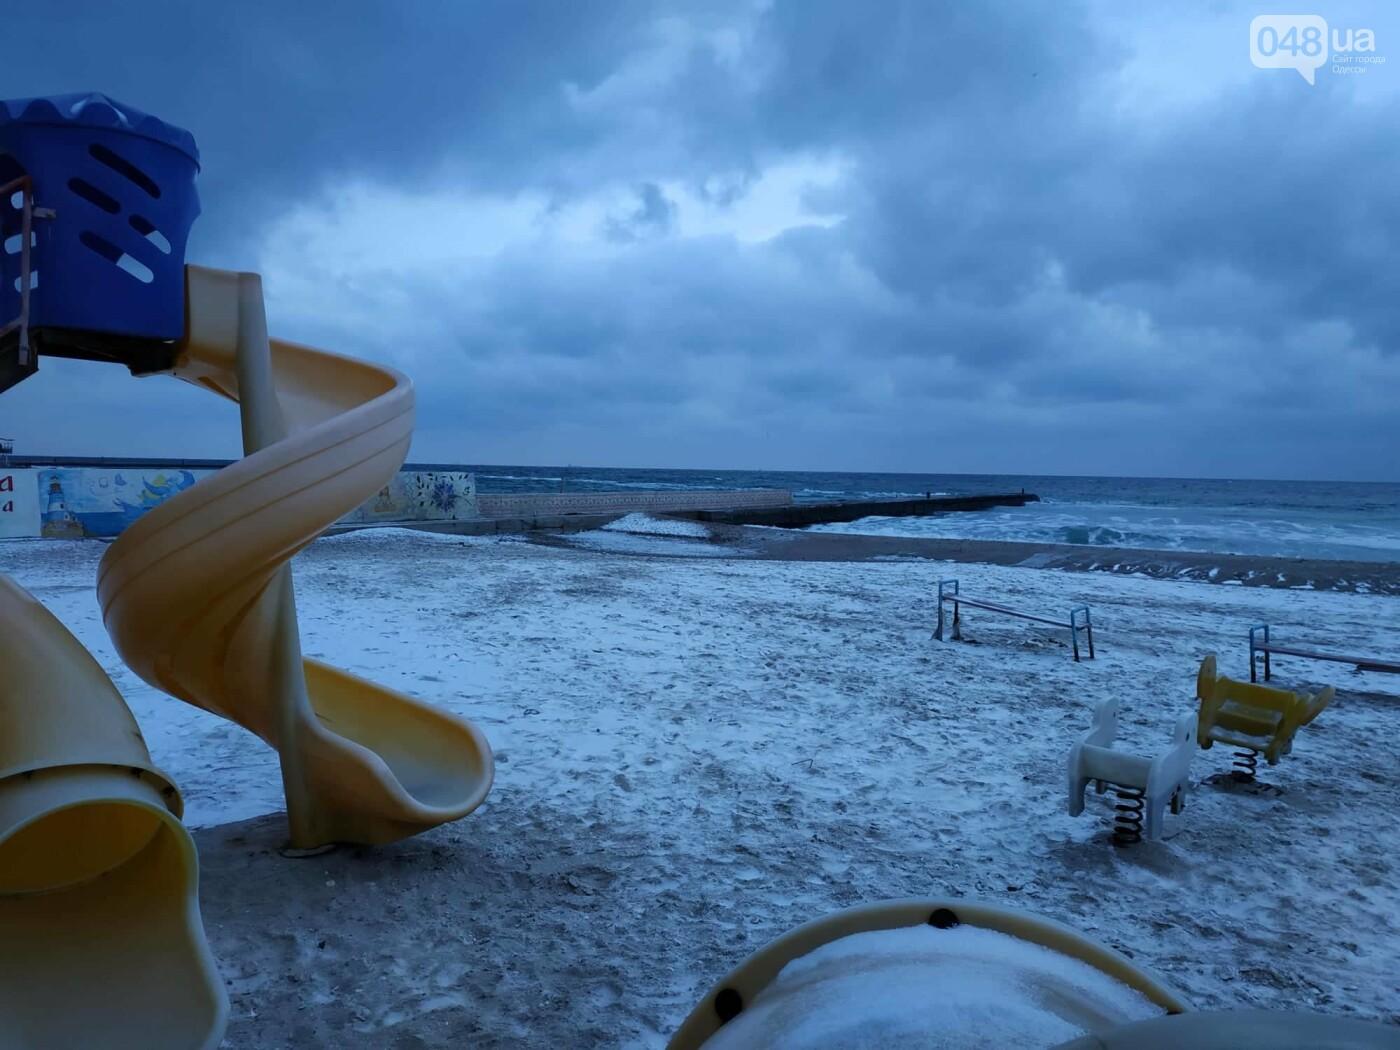 Заснеженные одесские пляжи вечером: вот где стоит прогуляться, - ФОТО, фото-12